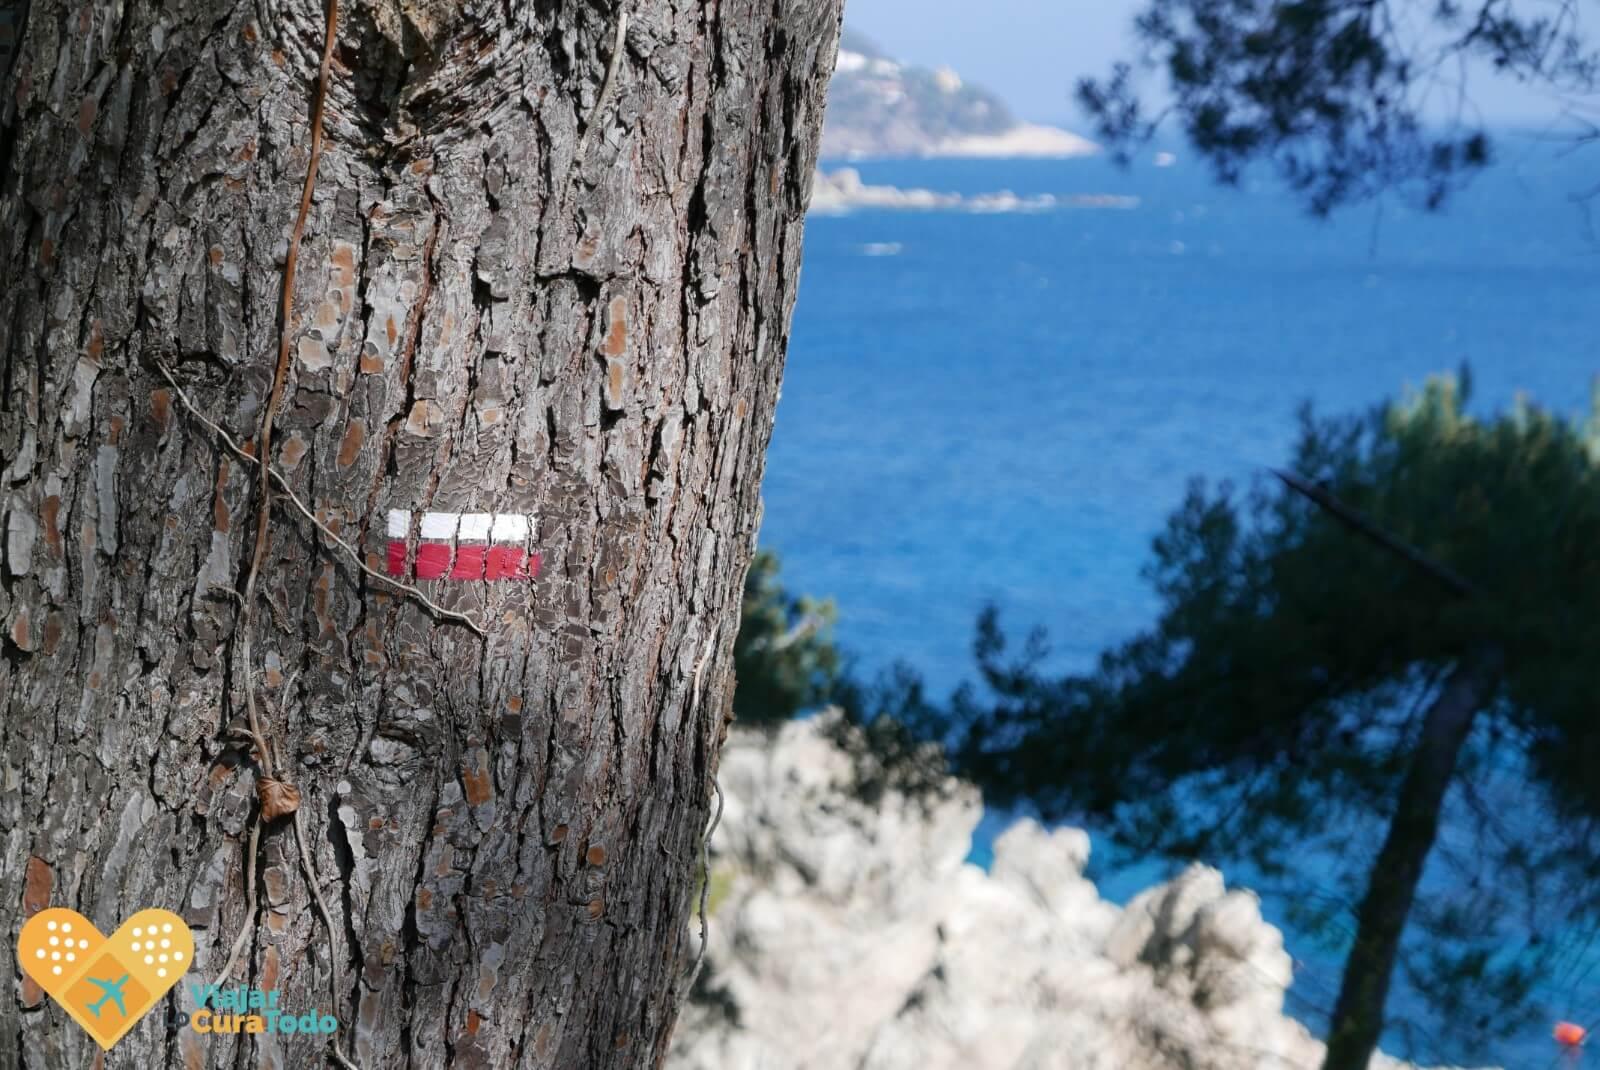 6 motivos para visitar Lloret de Mar (más allá de la fiesta)